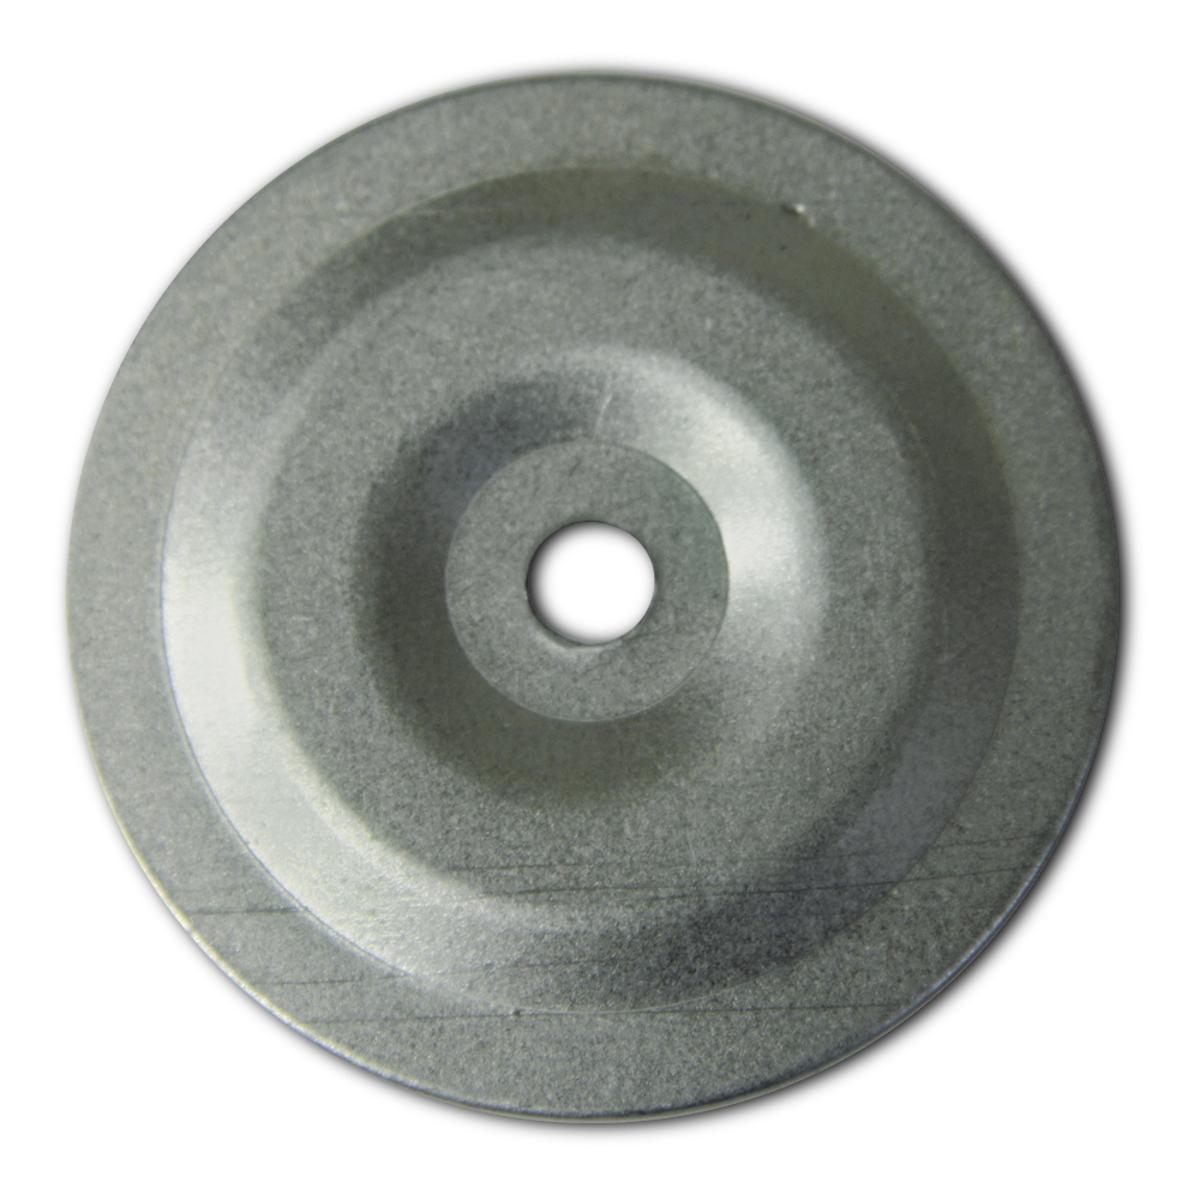 Шайба дожимная Госкрепеж, СК 50/6, 50 х 50 х 0,5 мм, 50 штКР.090917Шайба дожимная применяется для крепления теплоизоляции, пароизоляции и гидроизоляции на плоской кровле. Так же может служить универсальным фиксатором теплоизоляции в бытовых условиях. Крепление производится к деревянному основанию, либо к профлисту (от этого зависит выбор самореза).